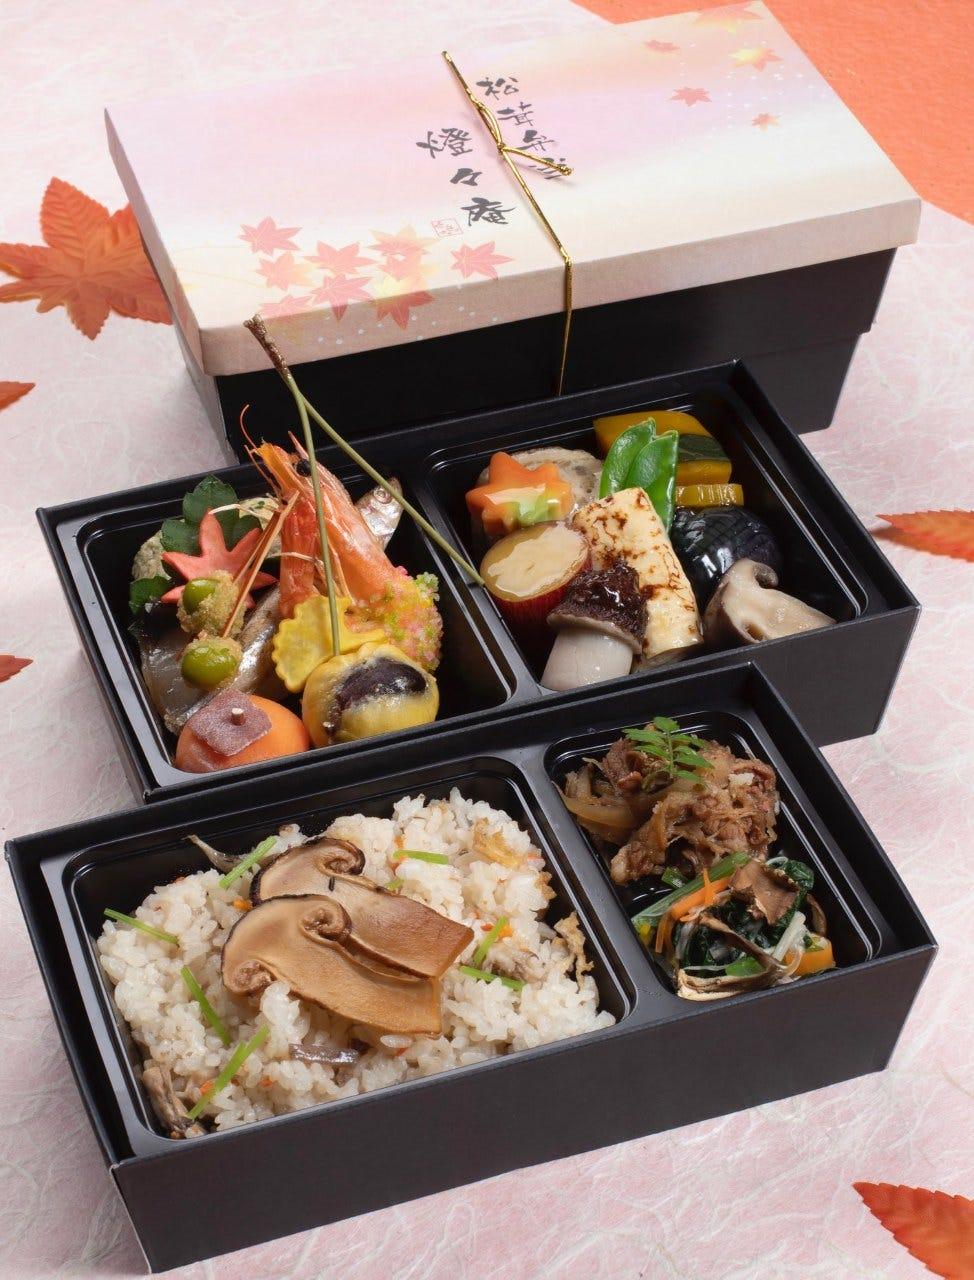 松茸弁当 2,000円(税込)